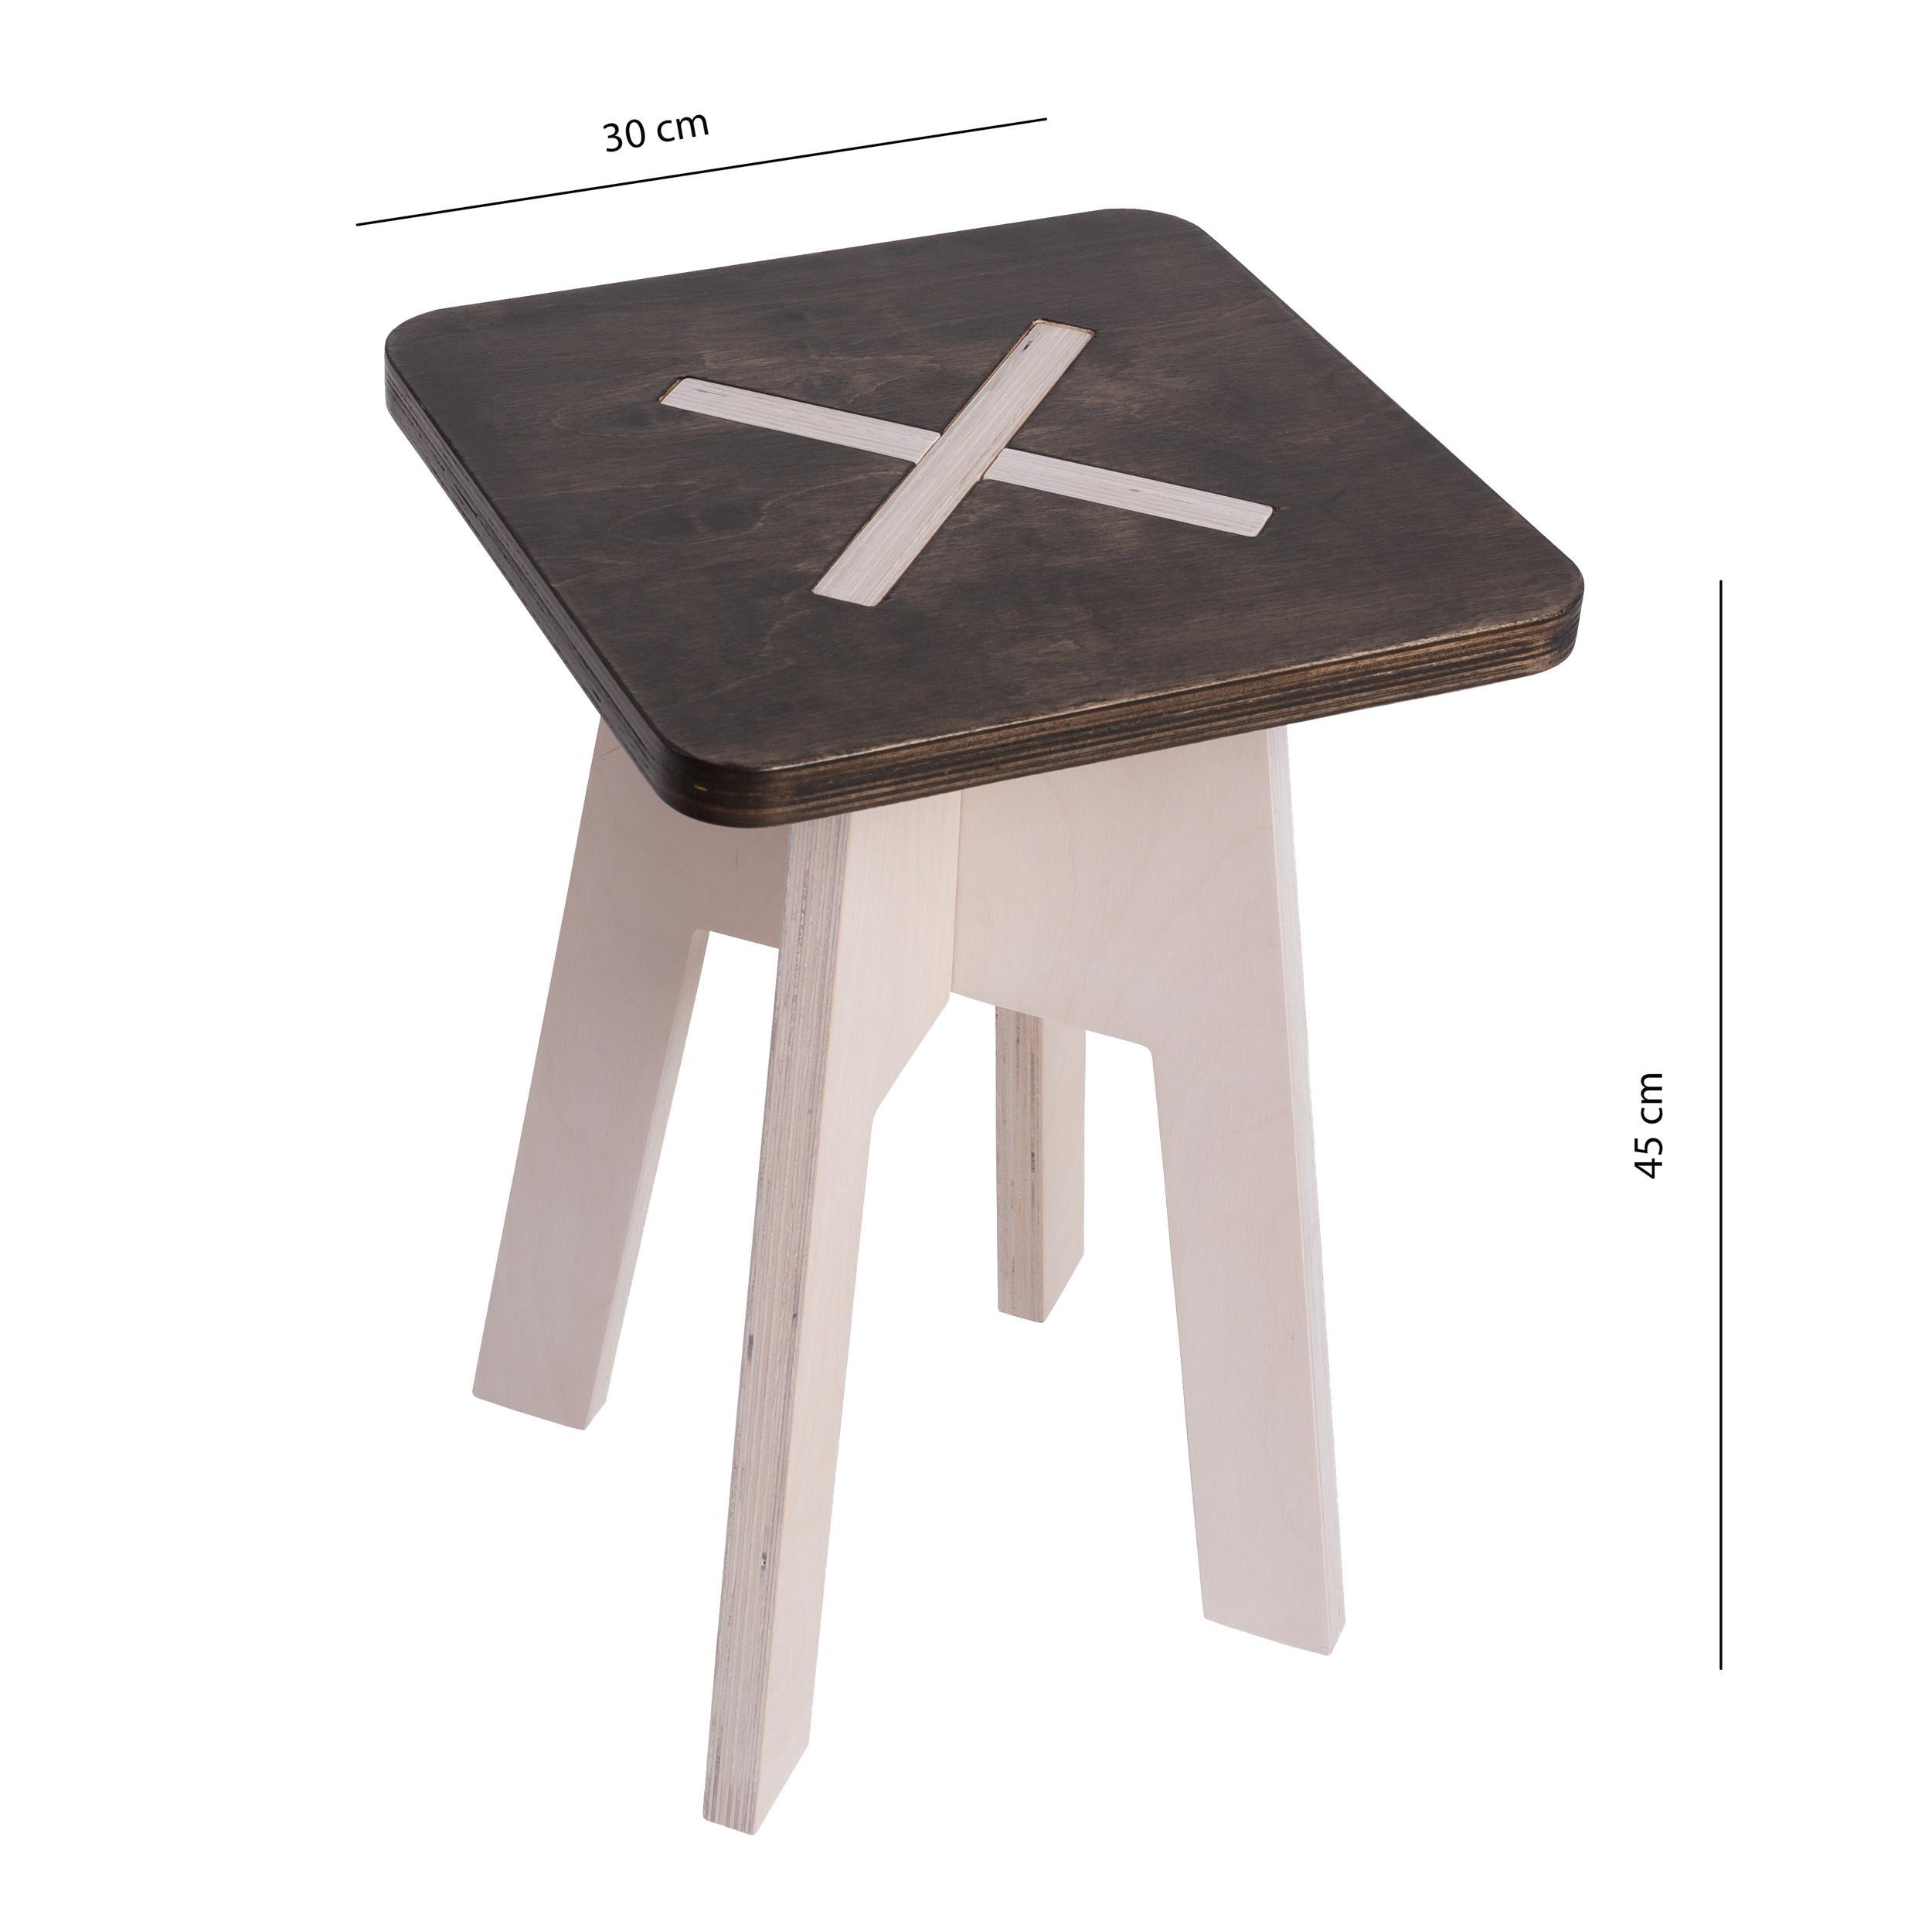 eckiger hocker aus holz schwarz wei. Black Bedroom Furniture Sets. Home Design Ideas